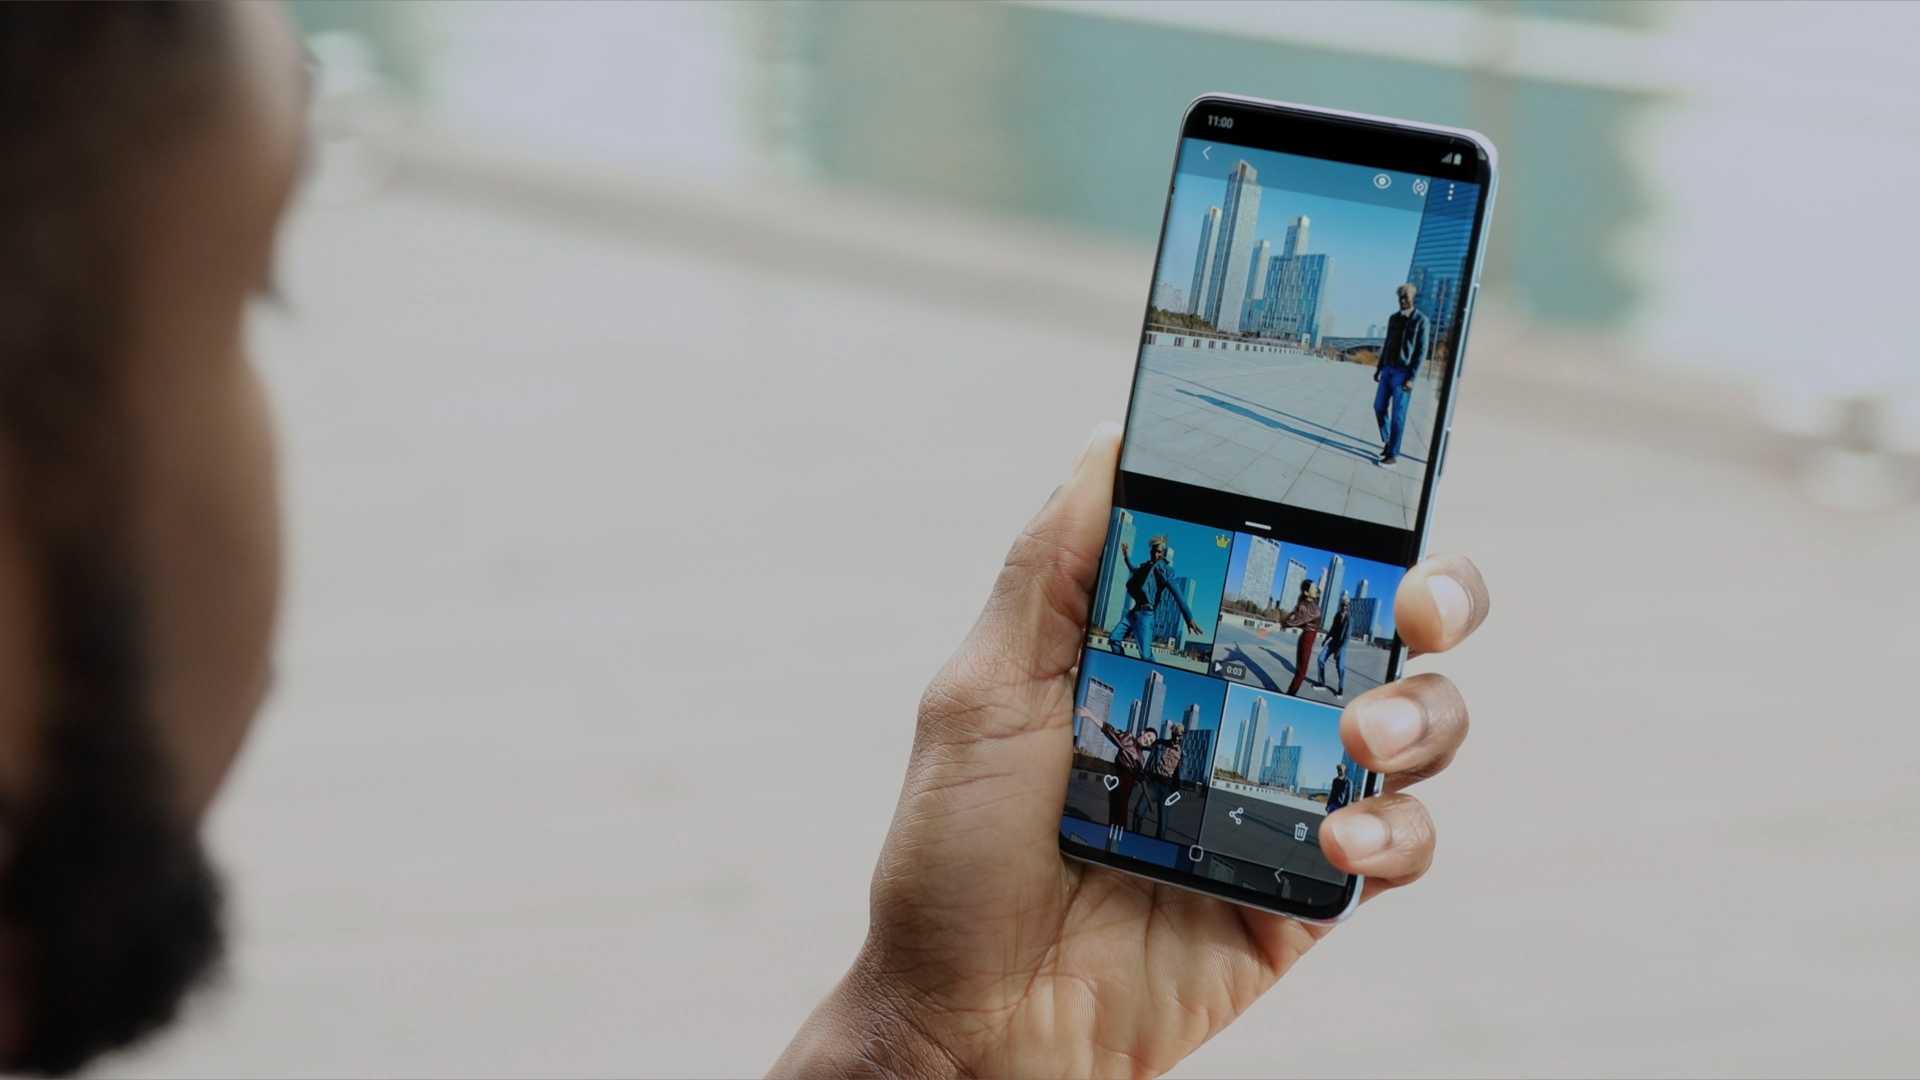 В россии начались продажи суперфлагманских смартфонов и премиальных планшетов samsung. видео - cnews